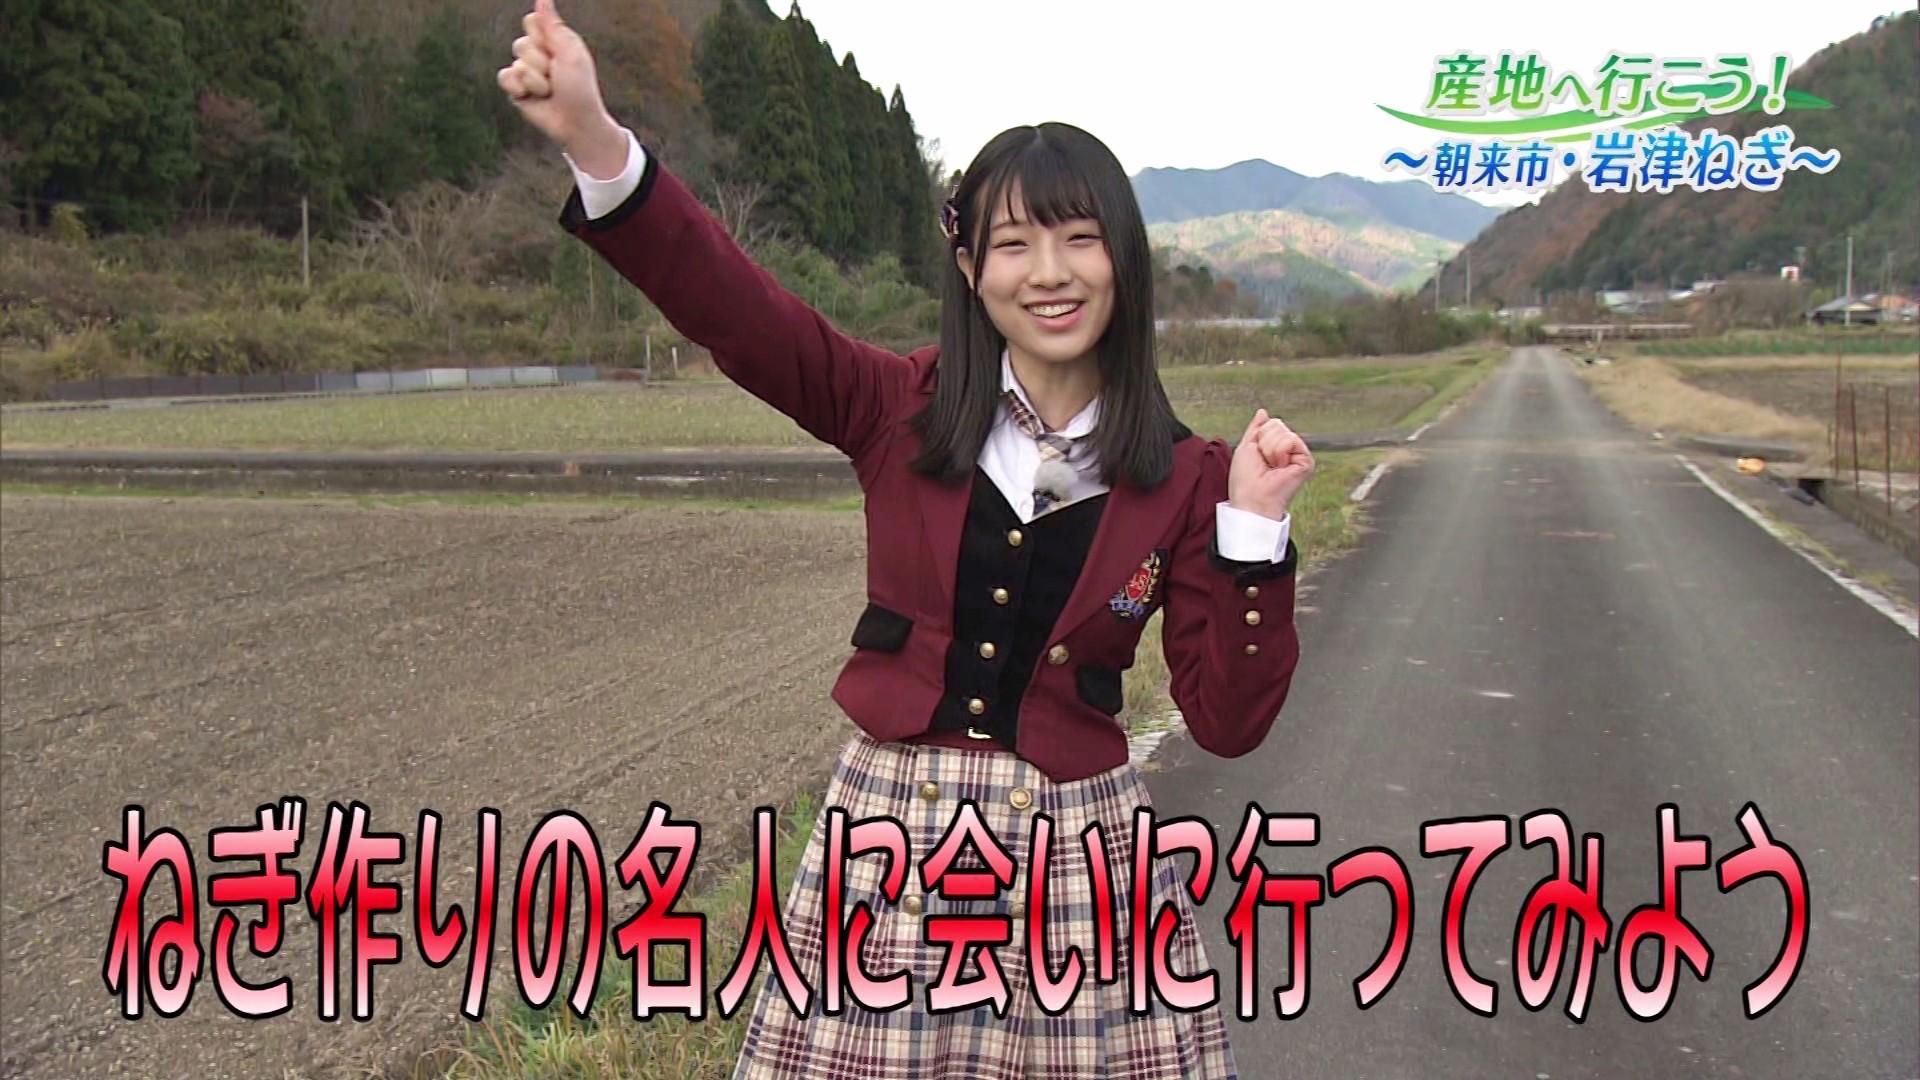 【安部若菜】 わかぽんが出演した12/17放送「ぐるっと関西おひるまえ・産地へ行こう!」の画像